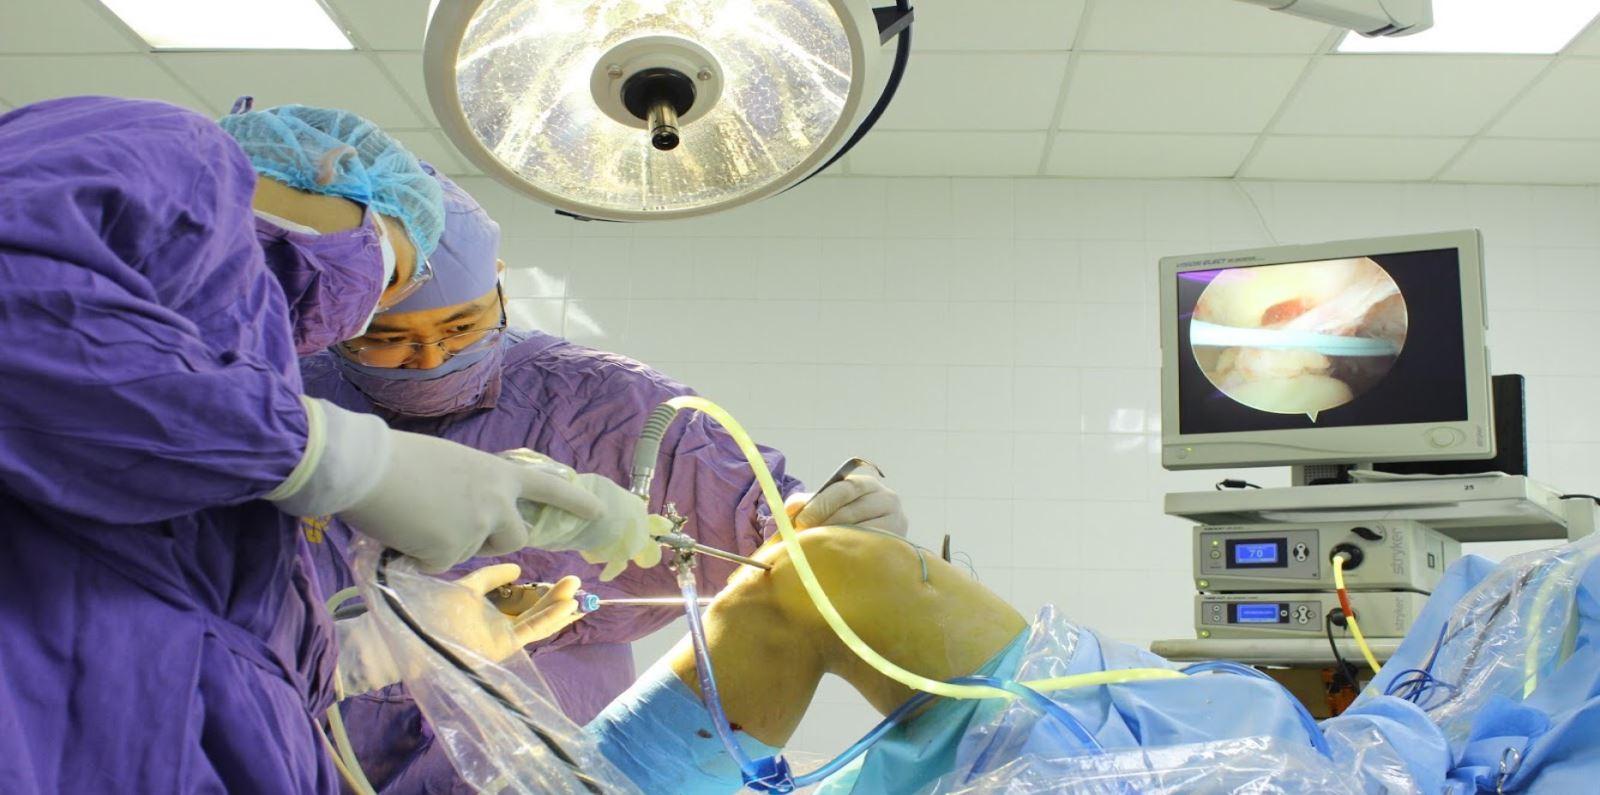 Bệnh viện 19-8 đi đầu nghiên cứu ứng dụng chẩn đoán hình ảnh trong nội soi khớp